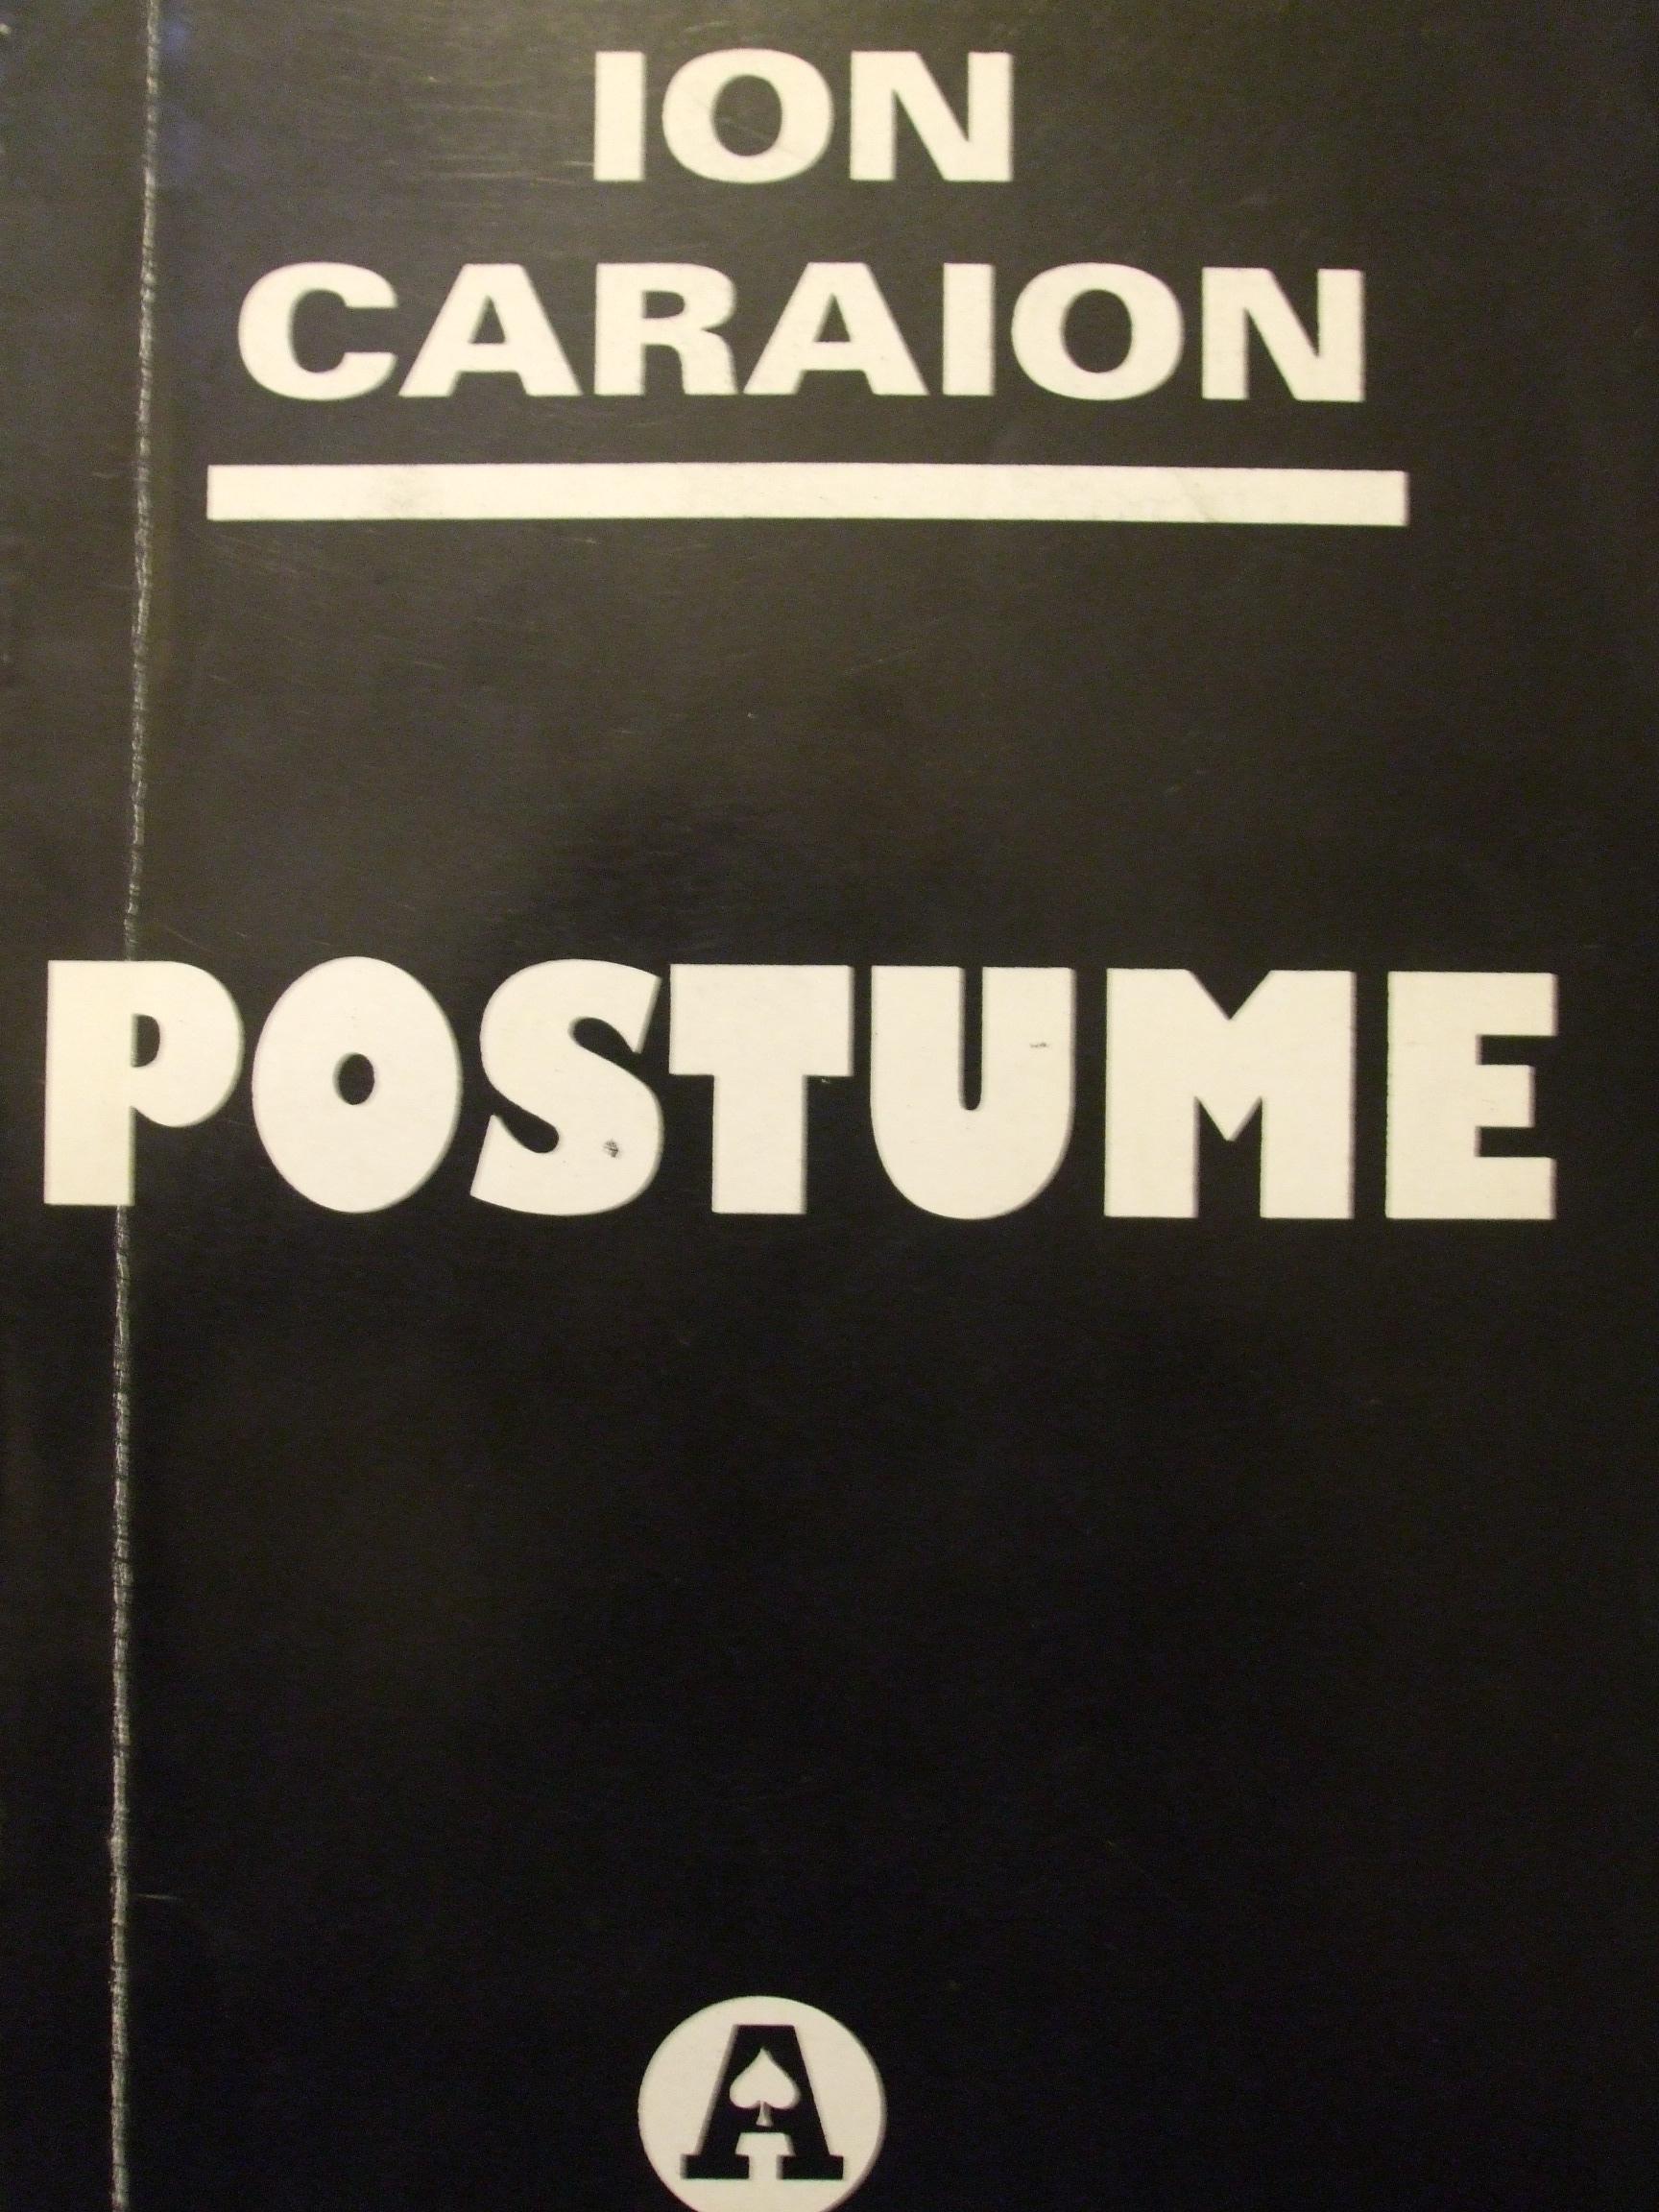 postume-caraion1